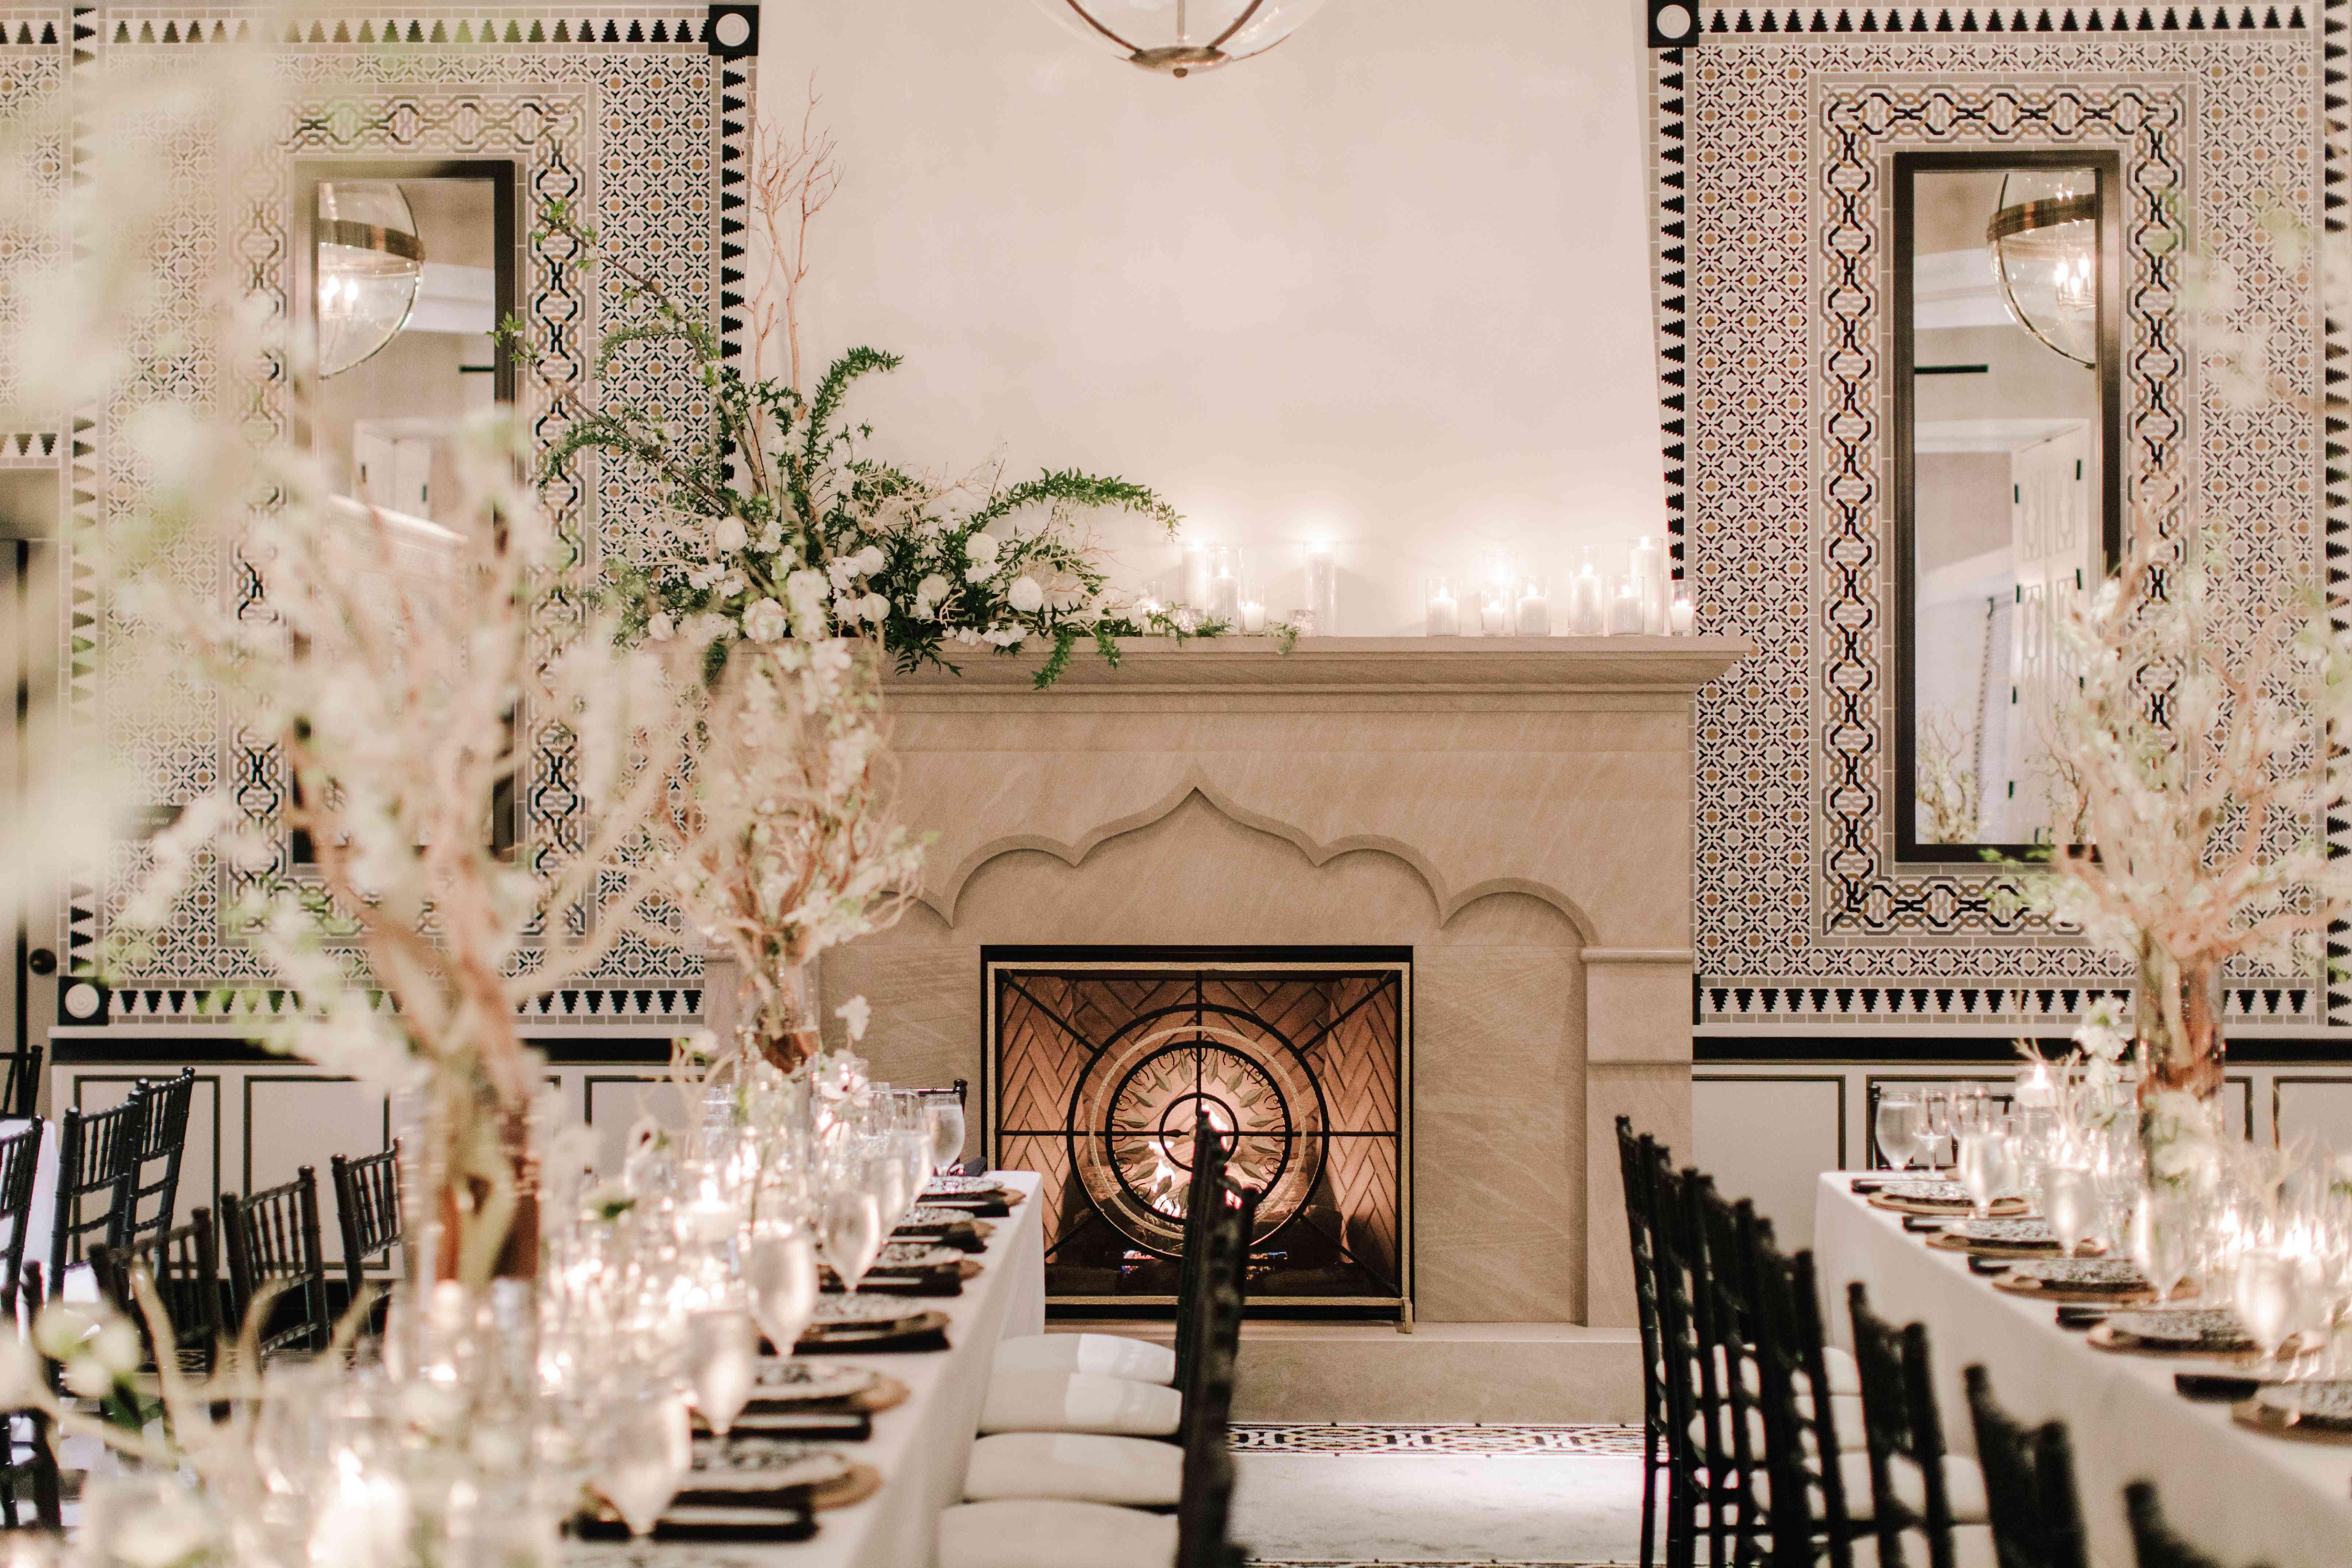 fireplace candlelit wedding reception